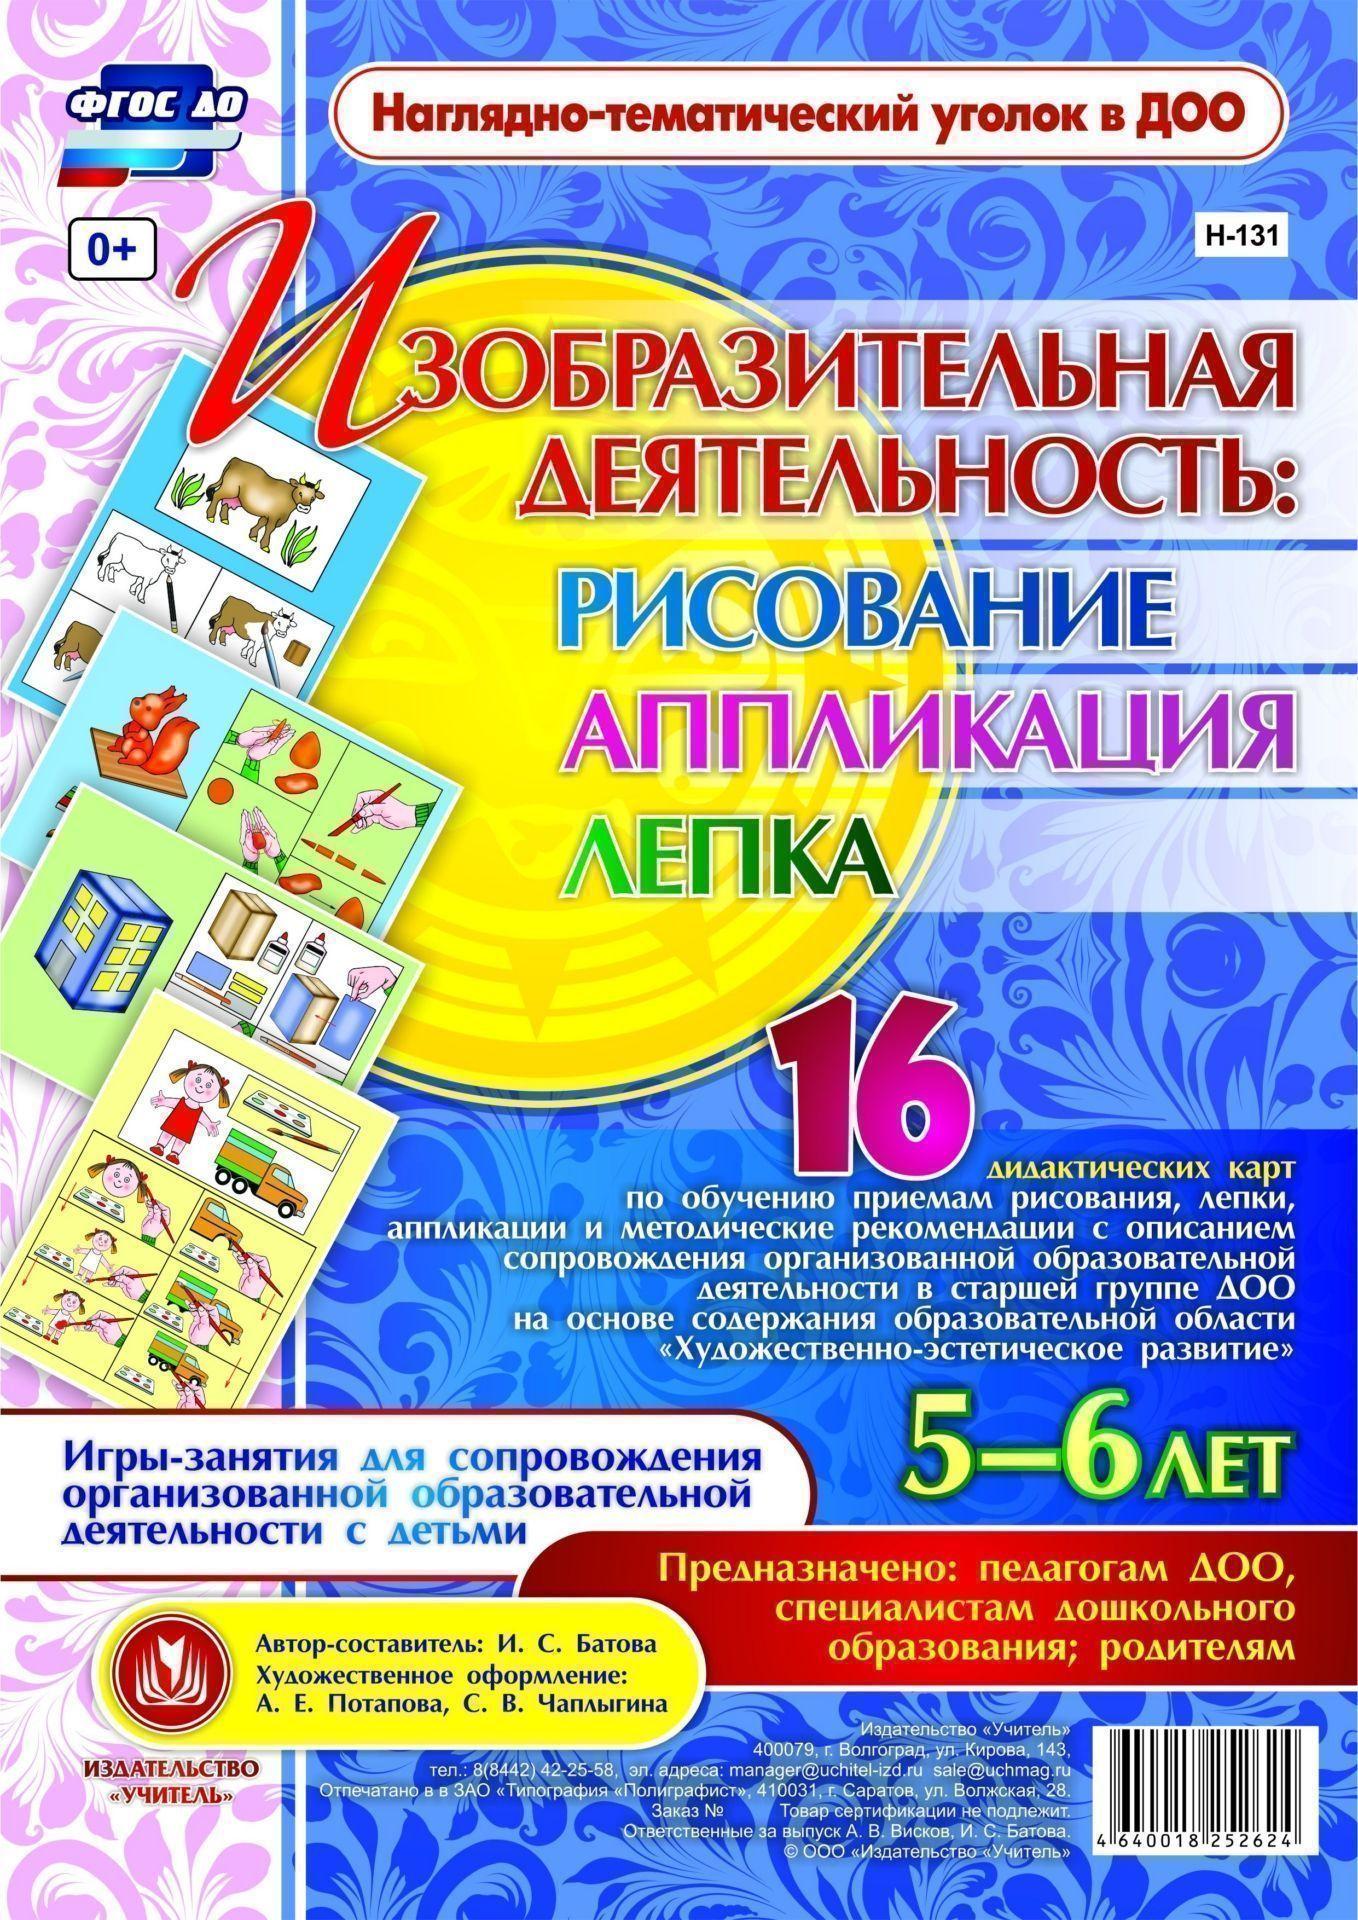 Изобразительная деятельность: рисование, лепка, аппликация. Игры-занятия для сопровождения организованной образовательной деятельности с детьми 5-6 лет: 16 дидактических картВоспитателю ДОО<br>Предлагаемый наглядно-дидактический комплект включает в себя 16 дидактических карт, позволяющих воспитателю обучить детей 5-6 лет приемам изобразительной деятельности в рисовании, лепке, аппликации, а также методическое пособие по использованию игр-заняти...<br><br>Авторы: Батова И.С.<br>Год: 2017<br>Серия: Наглядно-тематический уголок в ДОО<br>Высота: 296<br>Ширина: 210<br>Переплёт: набор